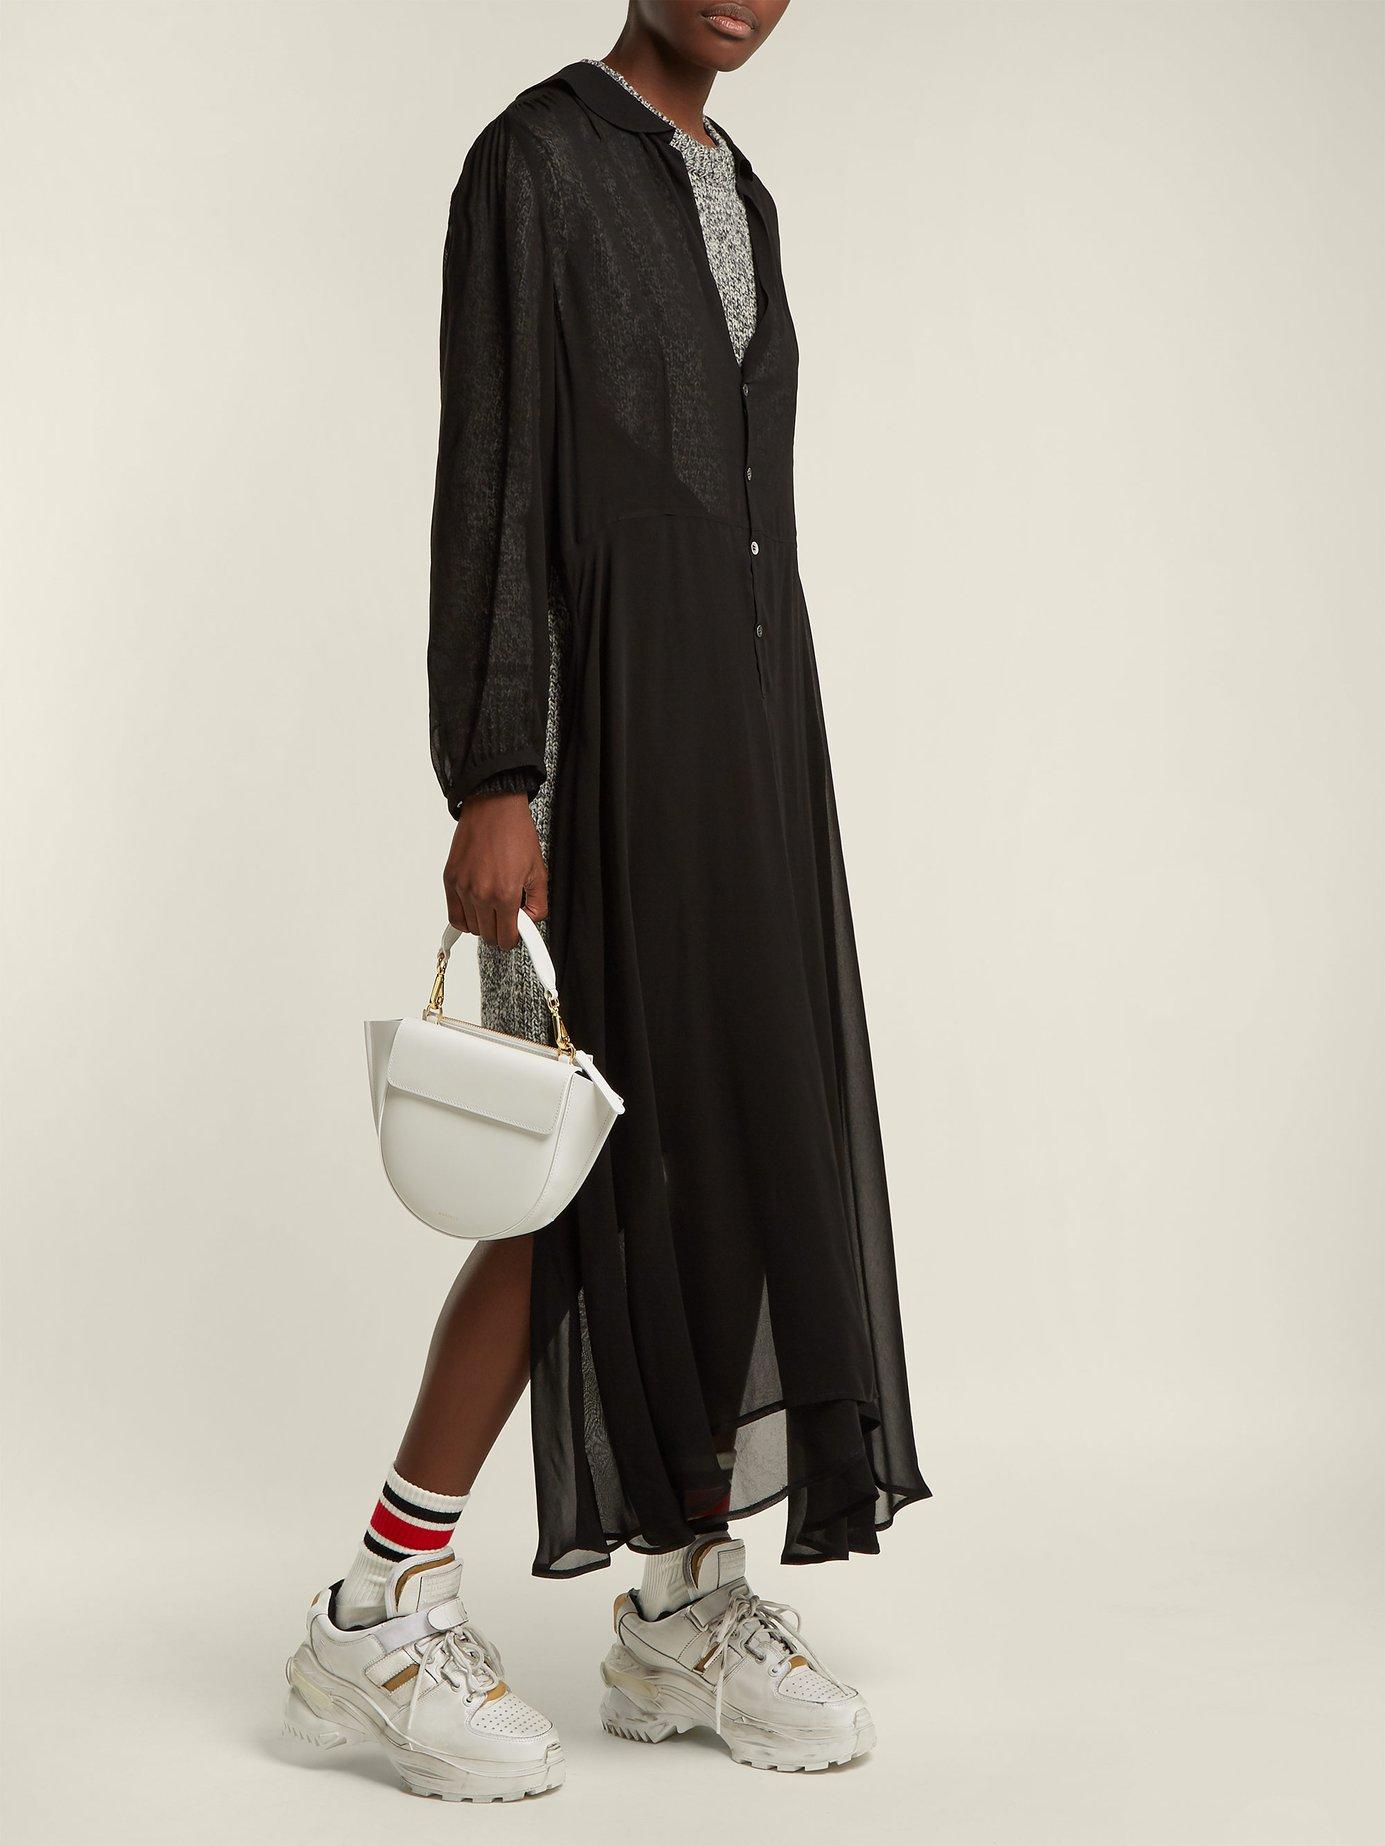 Chiffon-layer wool dress by Junya Watanabe